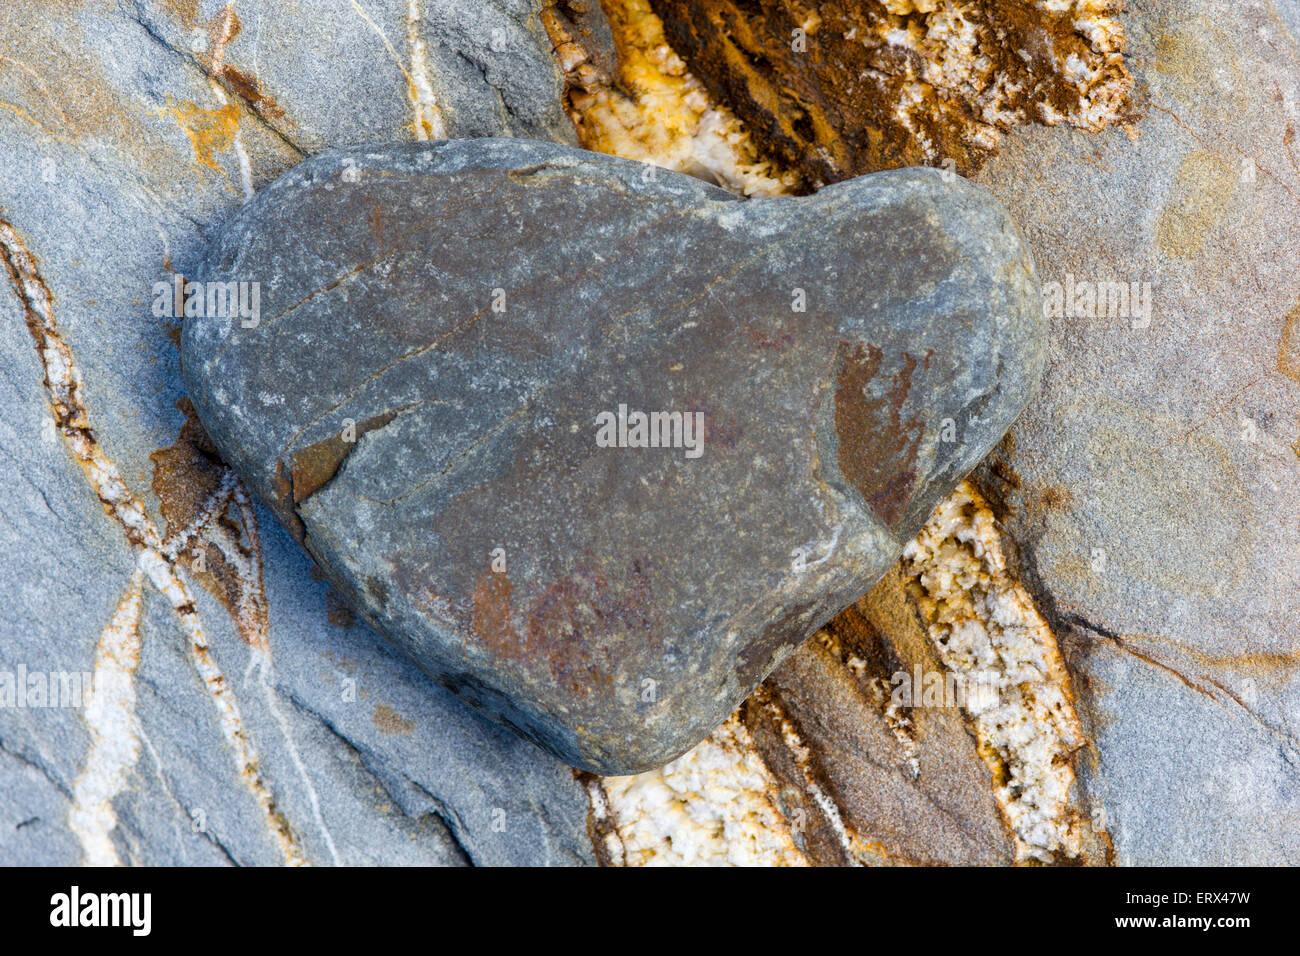 Vista artistica di una a forma di cuore sulla ghiaia un colorato Boulder, Greencliff Beach, Devon. Immagini Stock